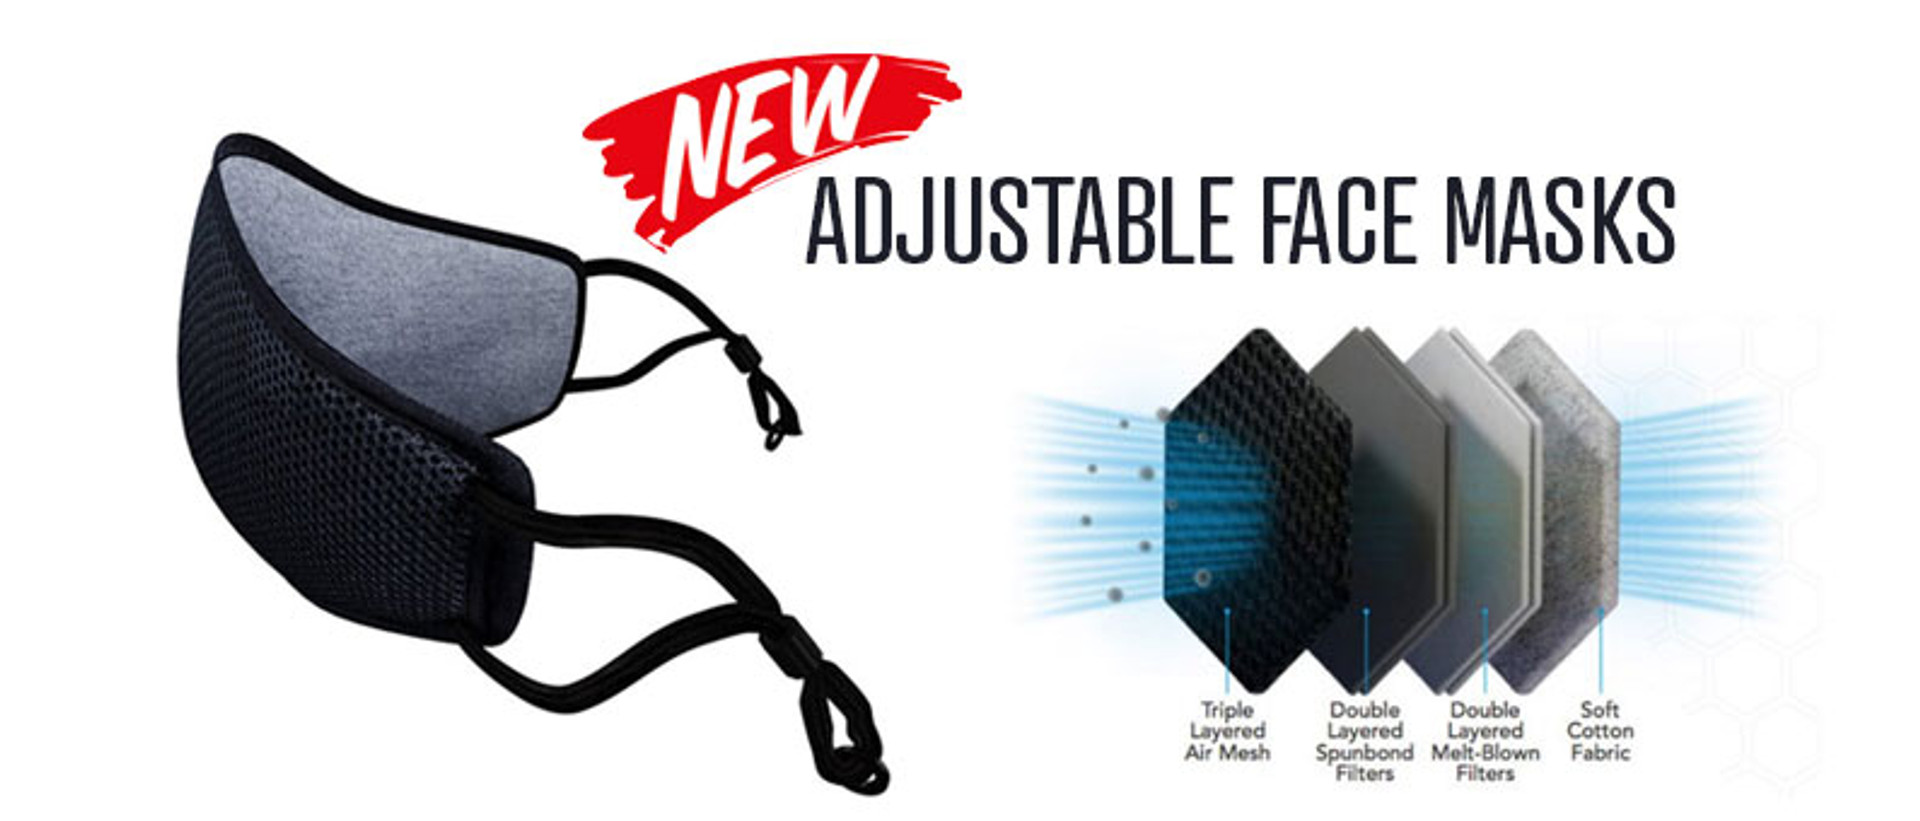 Adjustable Face Masks